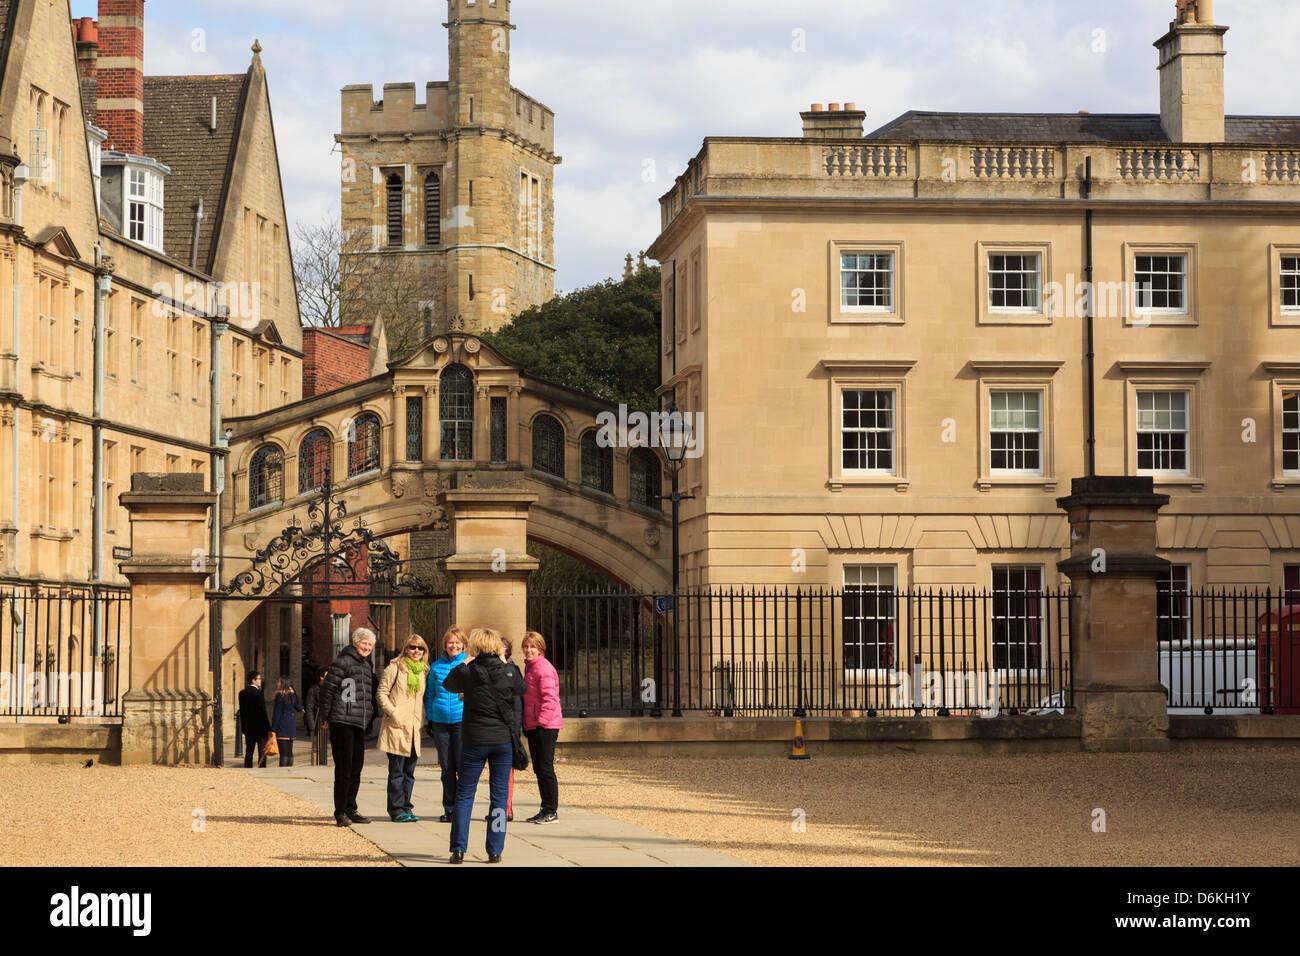 Touristen vor dem Seufzer-Brücke und Hertford College in Oxford England UK Großbritannien fotografiert Stockbild